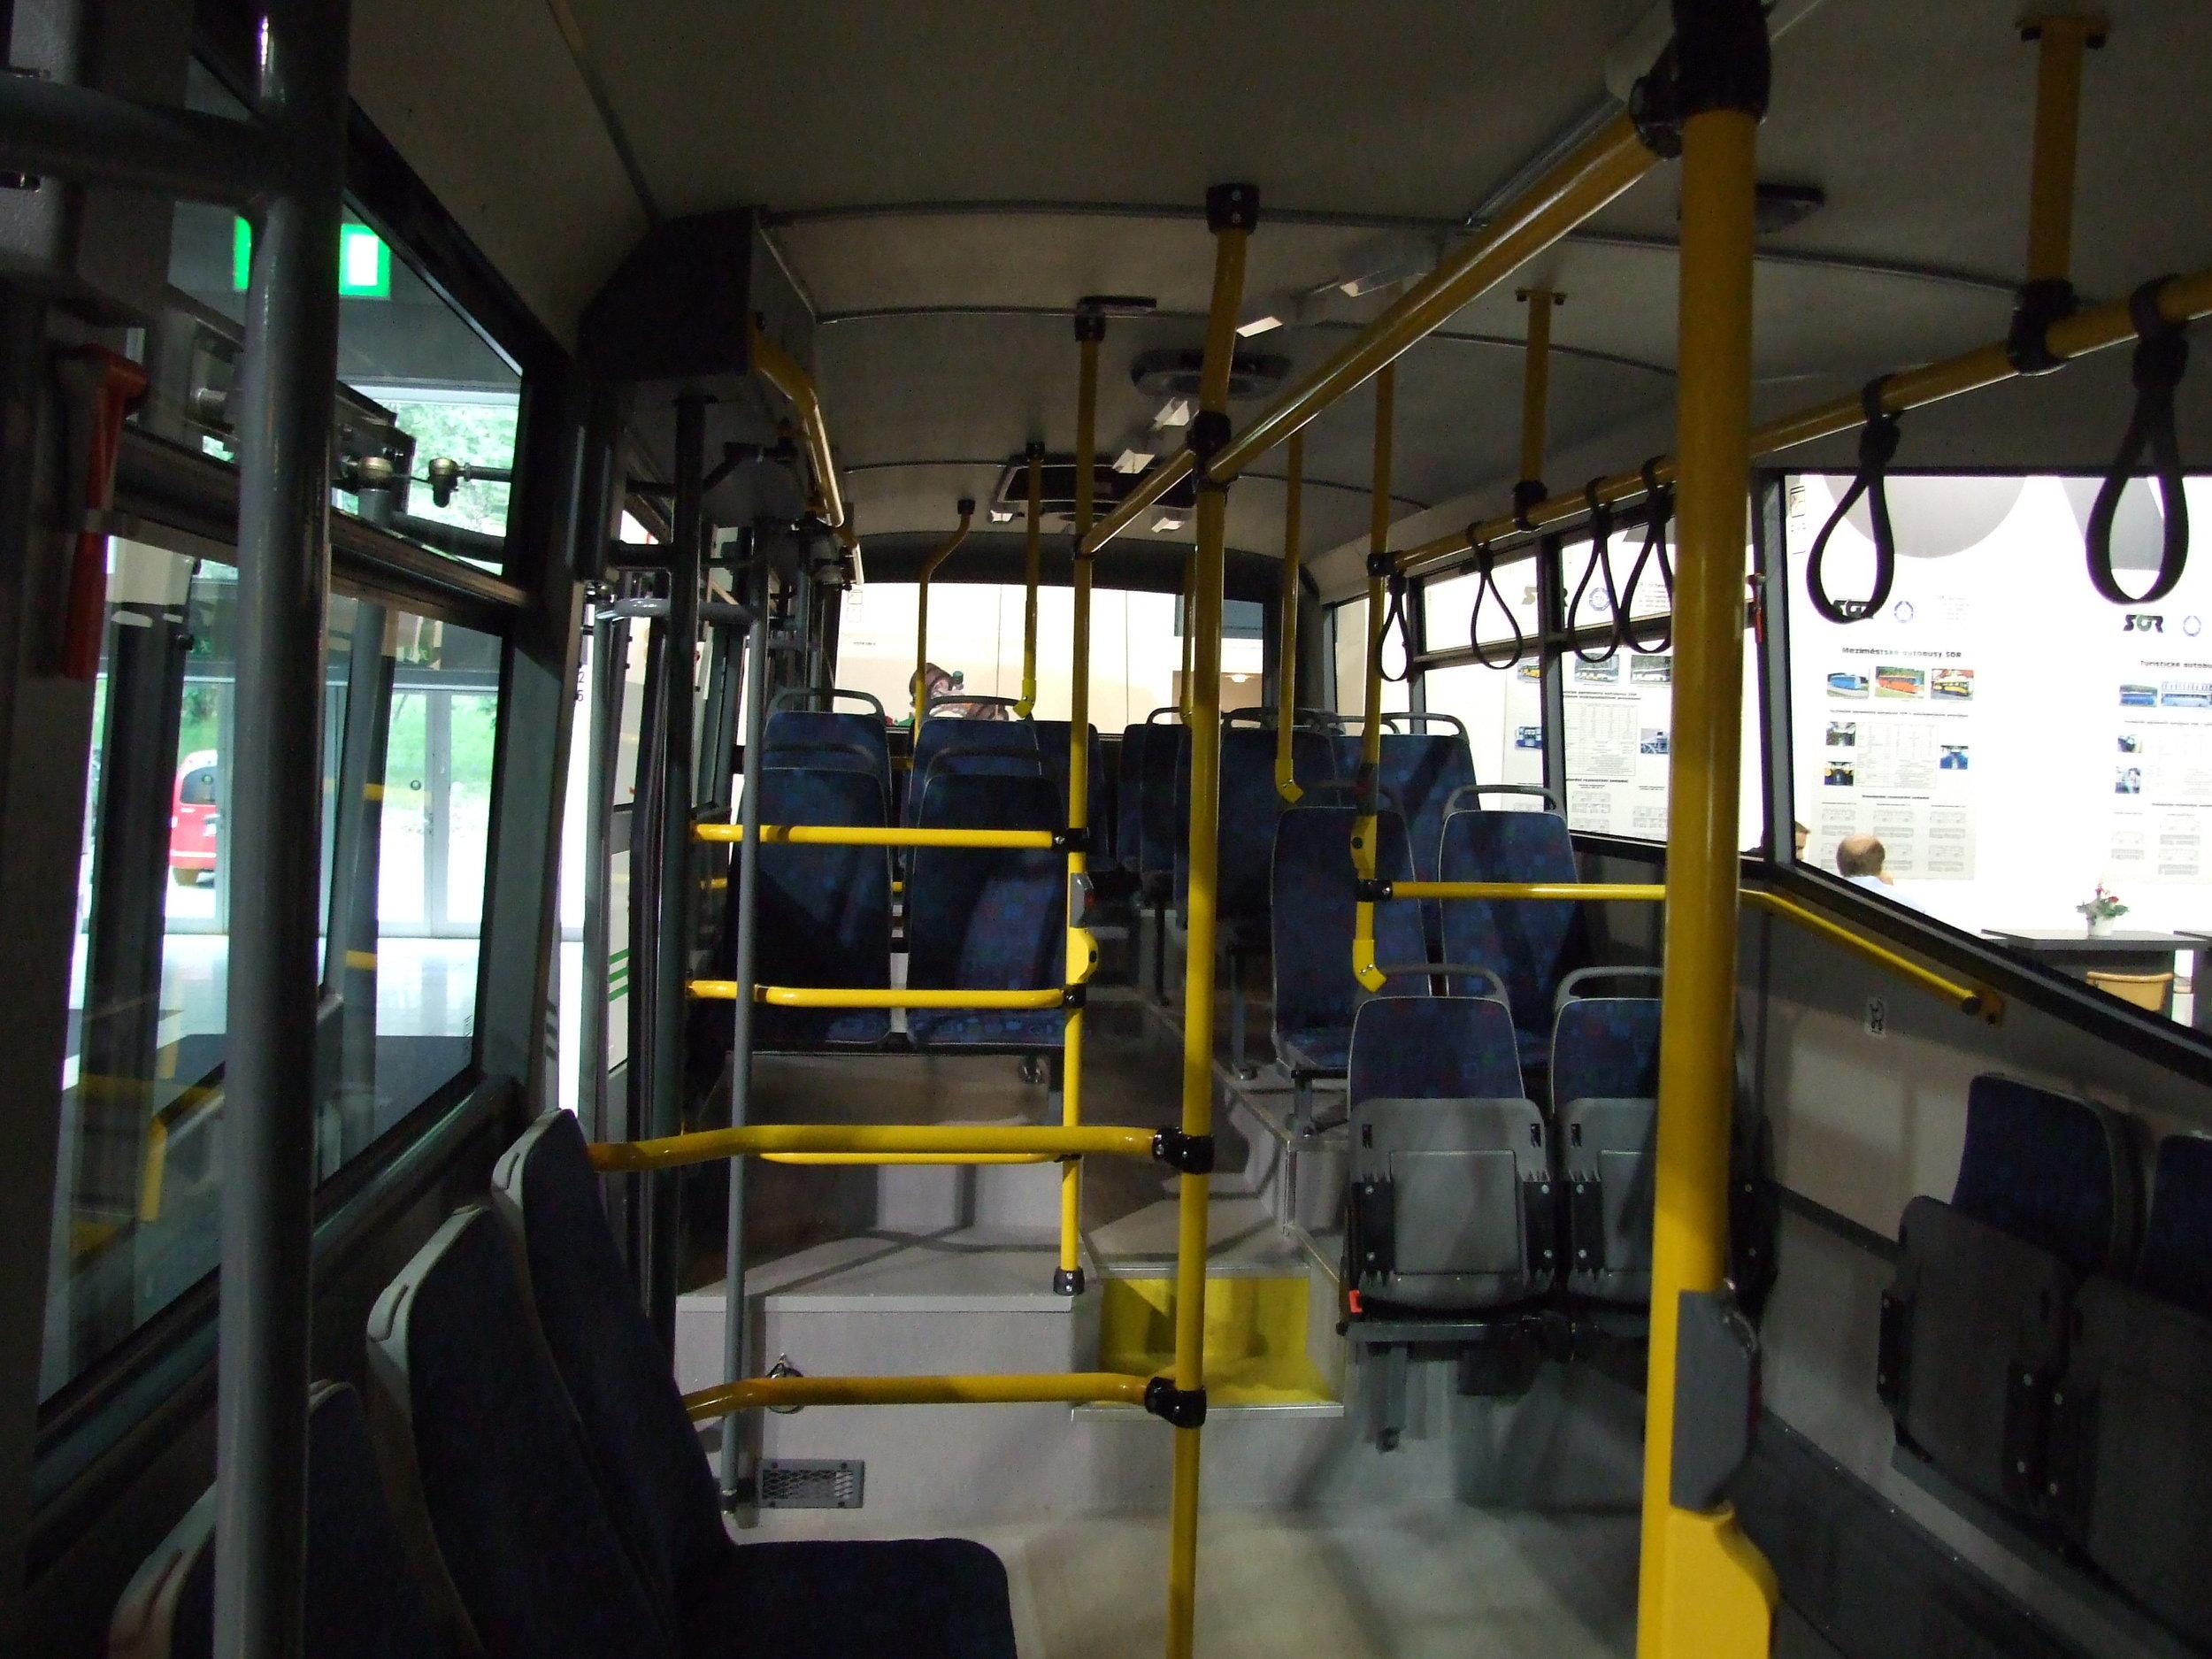 Pohled do interiéru prototypu SOR TN 12A na veletrhu Autotec v červnu 2008. Tehdy ještě trolejbus nebyl pojízdný. (zdroj: Wikipedia.org)